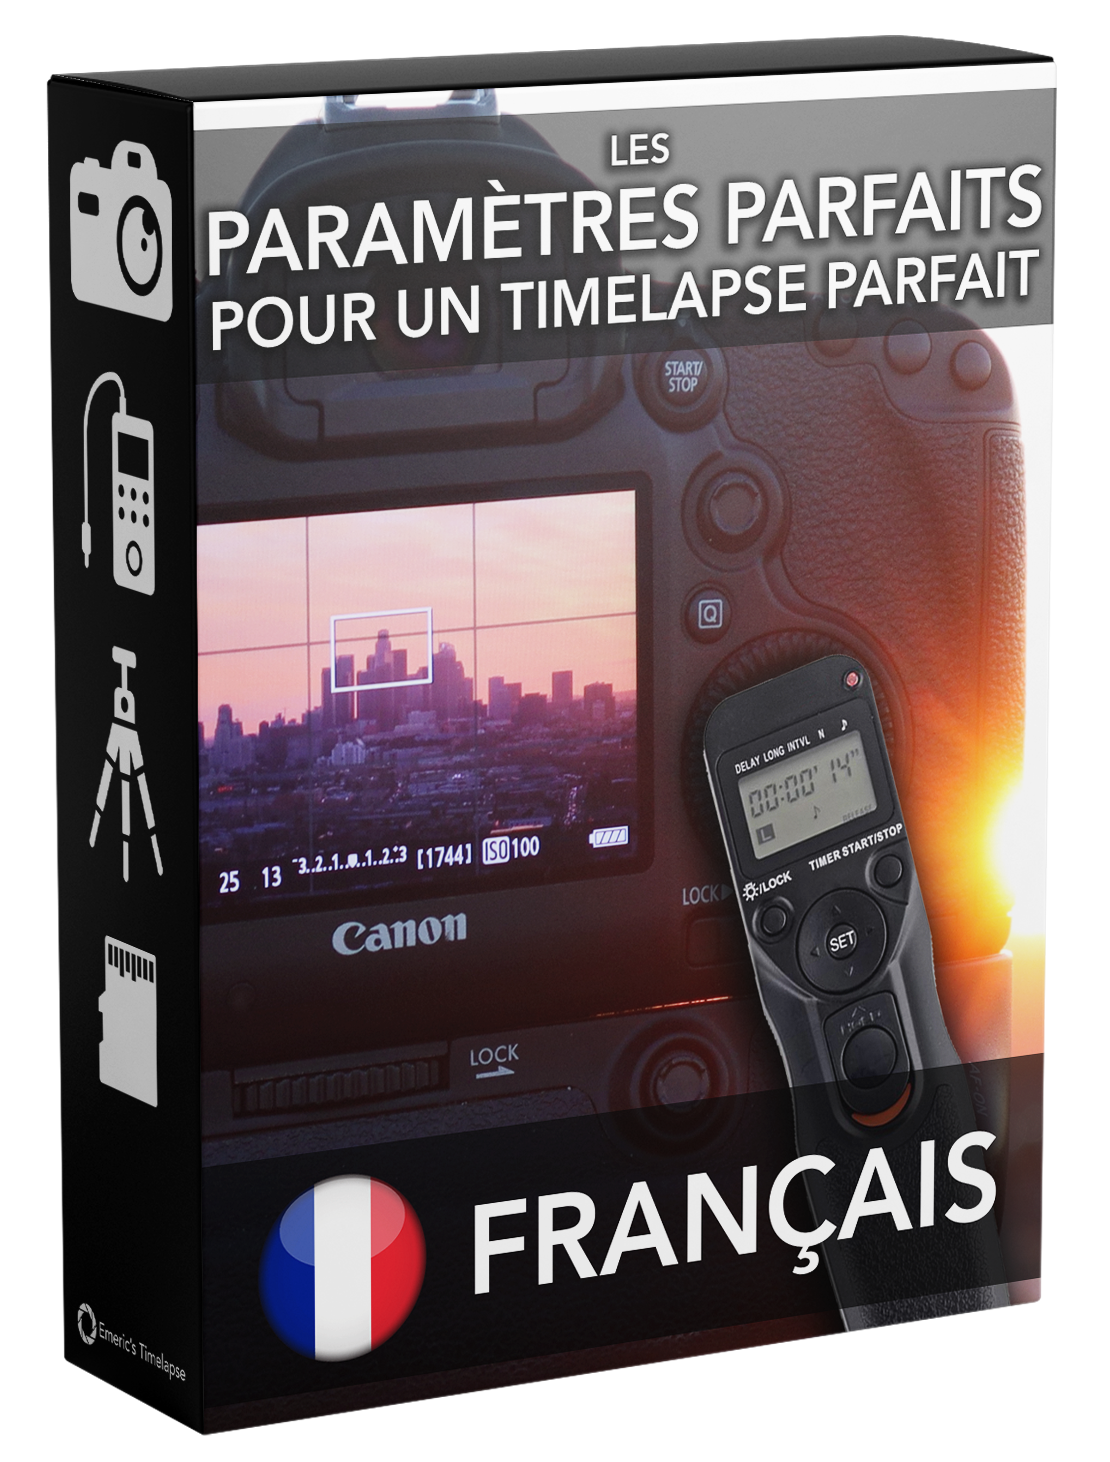 PARAMÈTRES PARFAITS FR.png